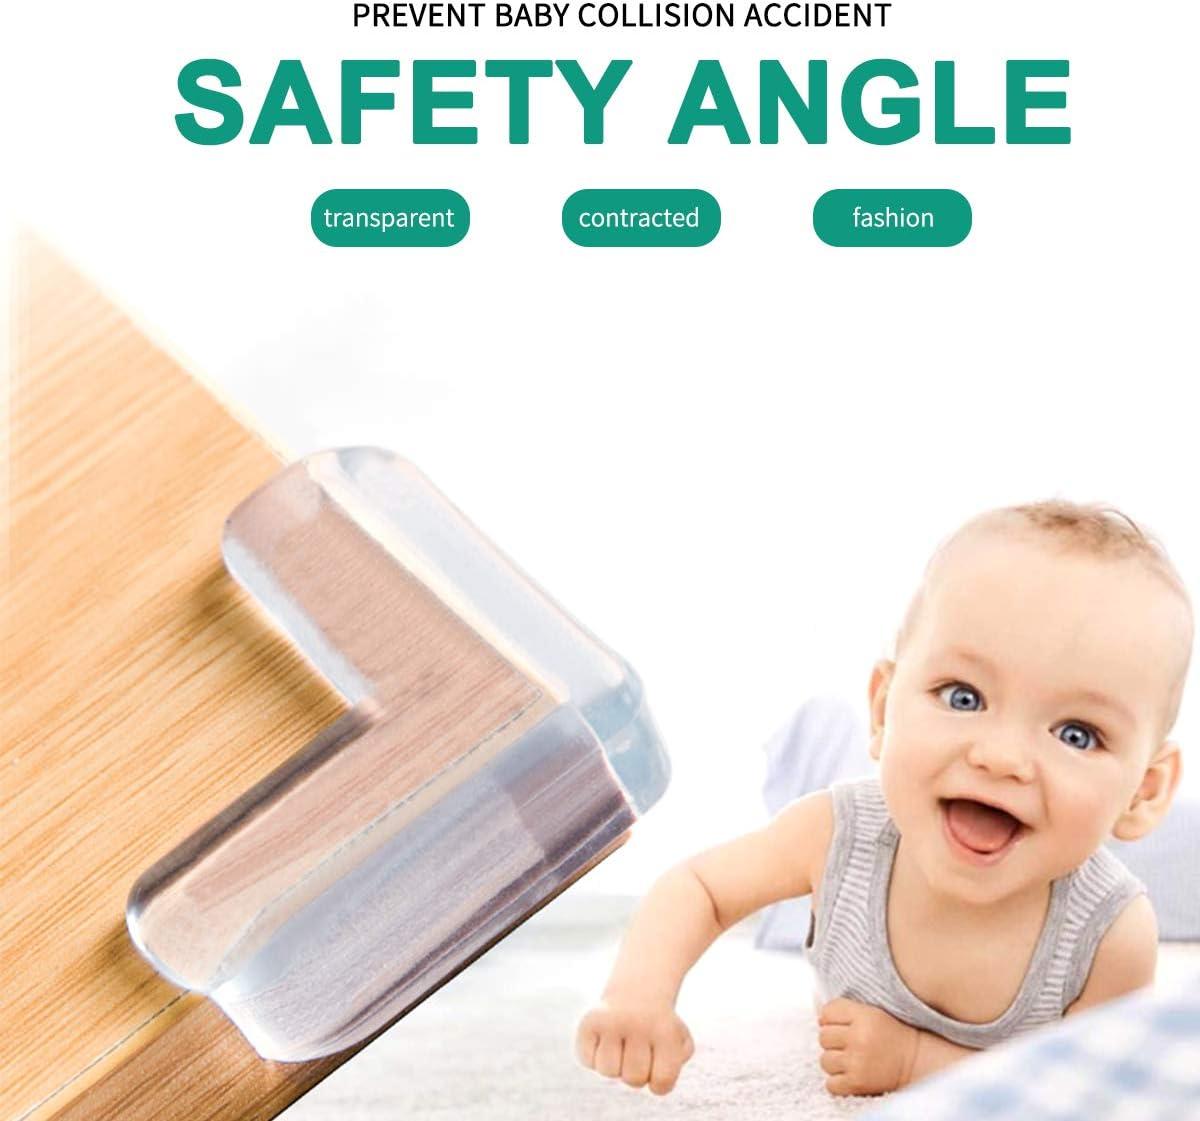 Trasparenti Copri Angolari Protezioni per Bambini di sicurezza Copri Angoli Per Tavoli E Mobili Con Adesivo 3M Forma Rotonda 20 Pezzi Paraspigoli Per Bambini